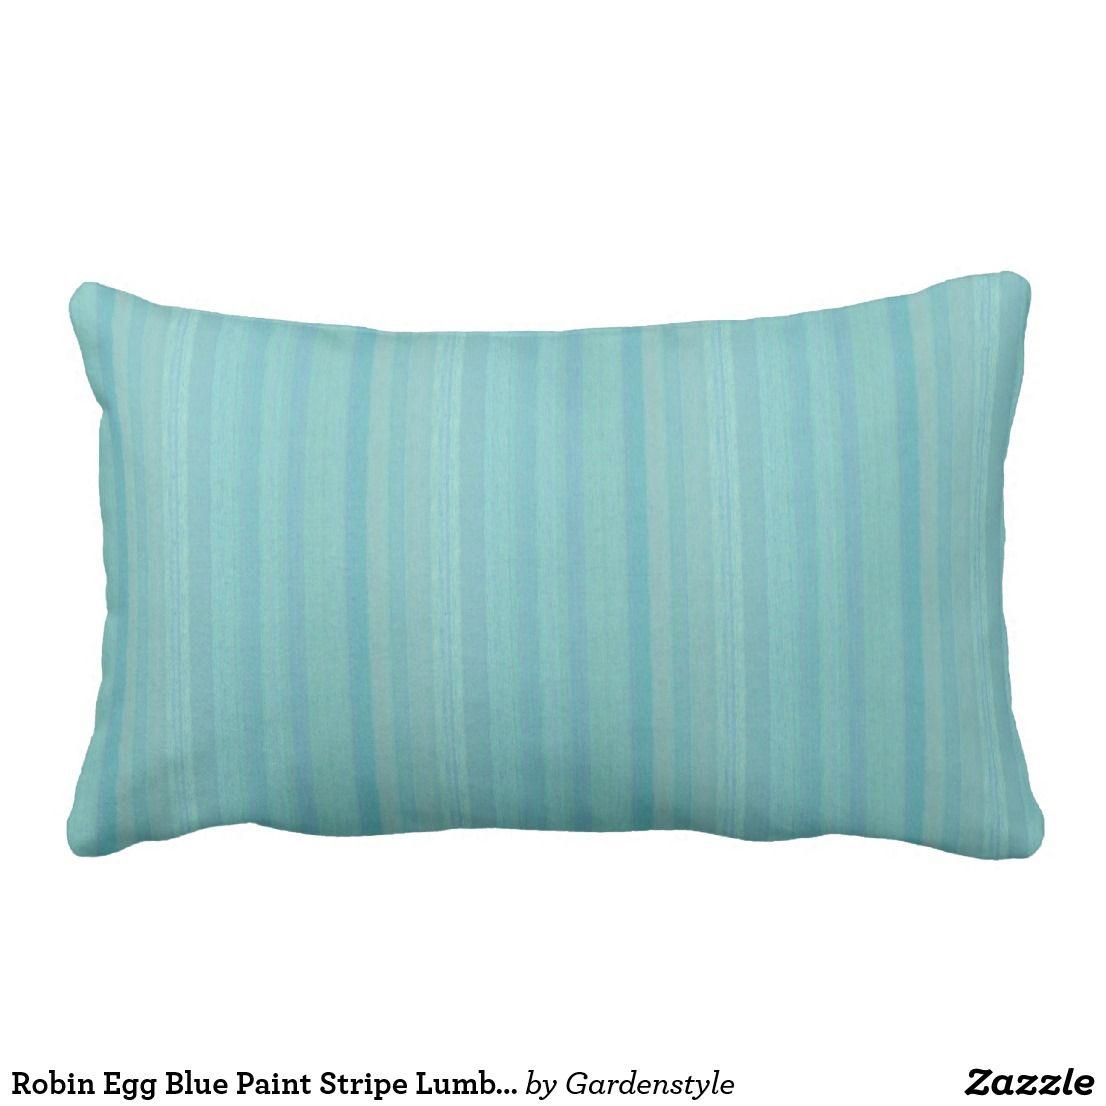 Robin Egg Blue Paint Stripe Lumbar Outdoor Pillow